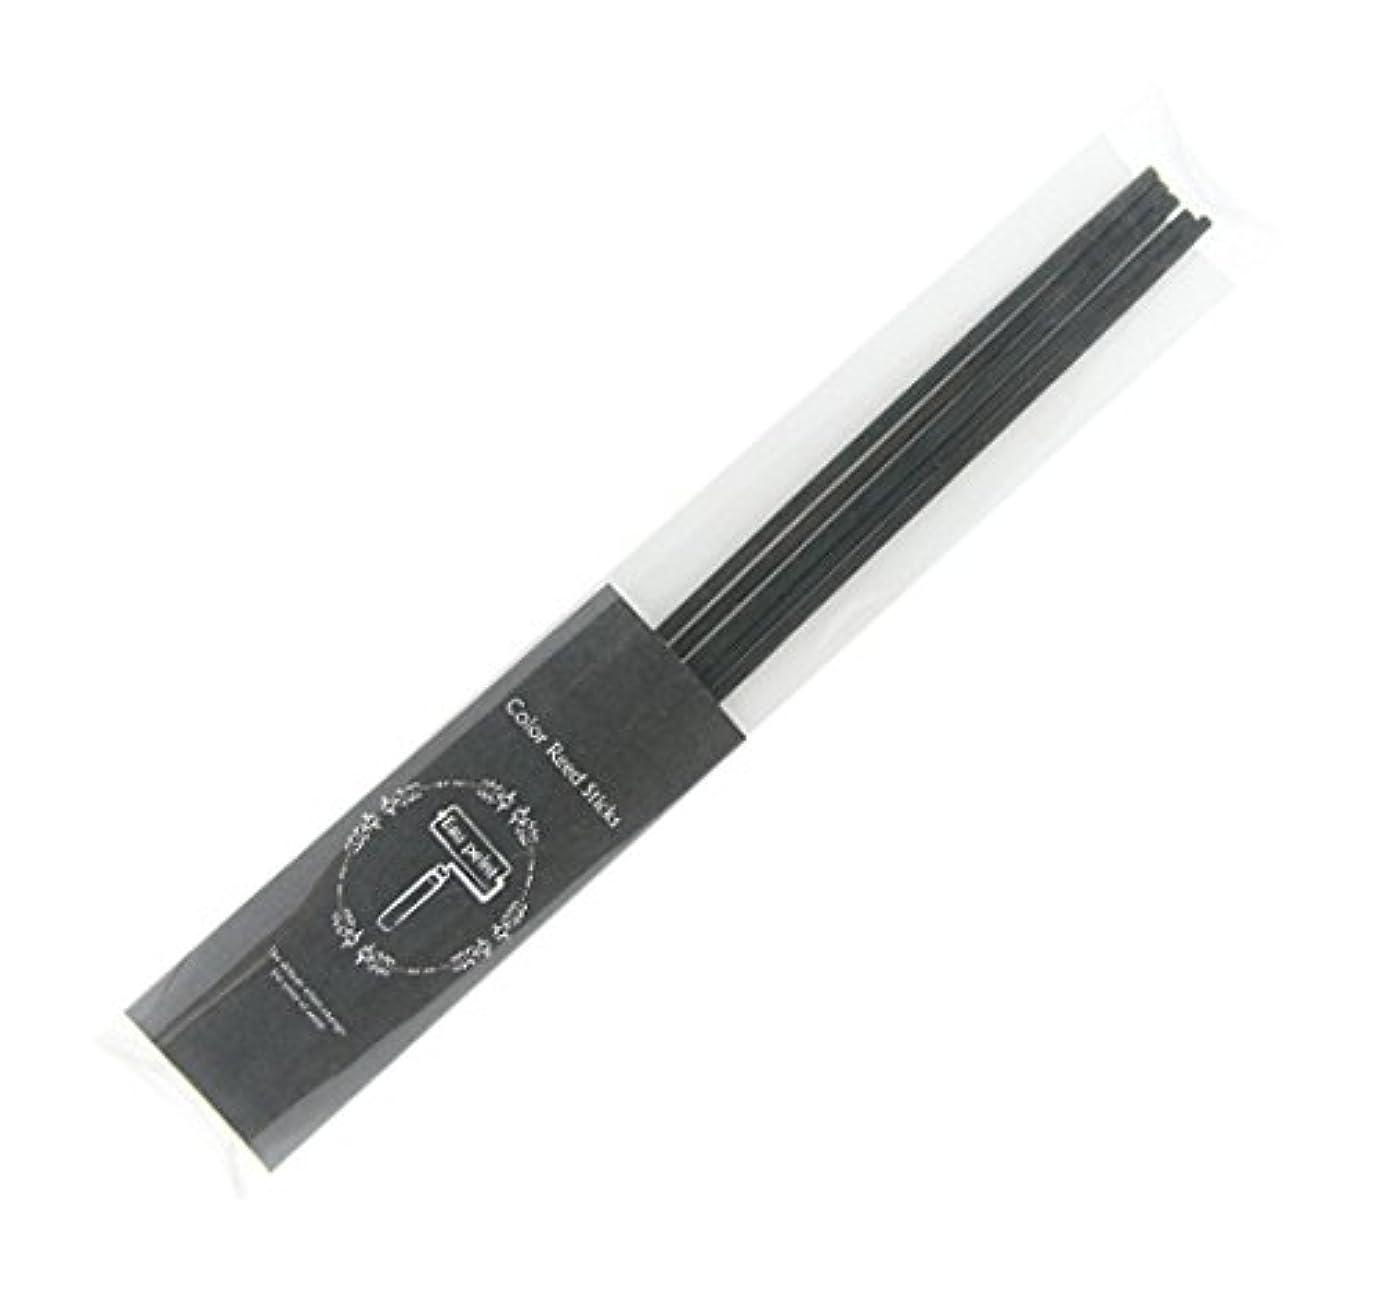 ハイランド除外する一定Eau peint mais+ カラースティック リードディフューザー用スティック 5本入 ブラック Black オーペイント マイス